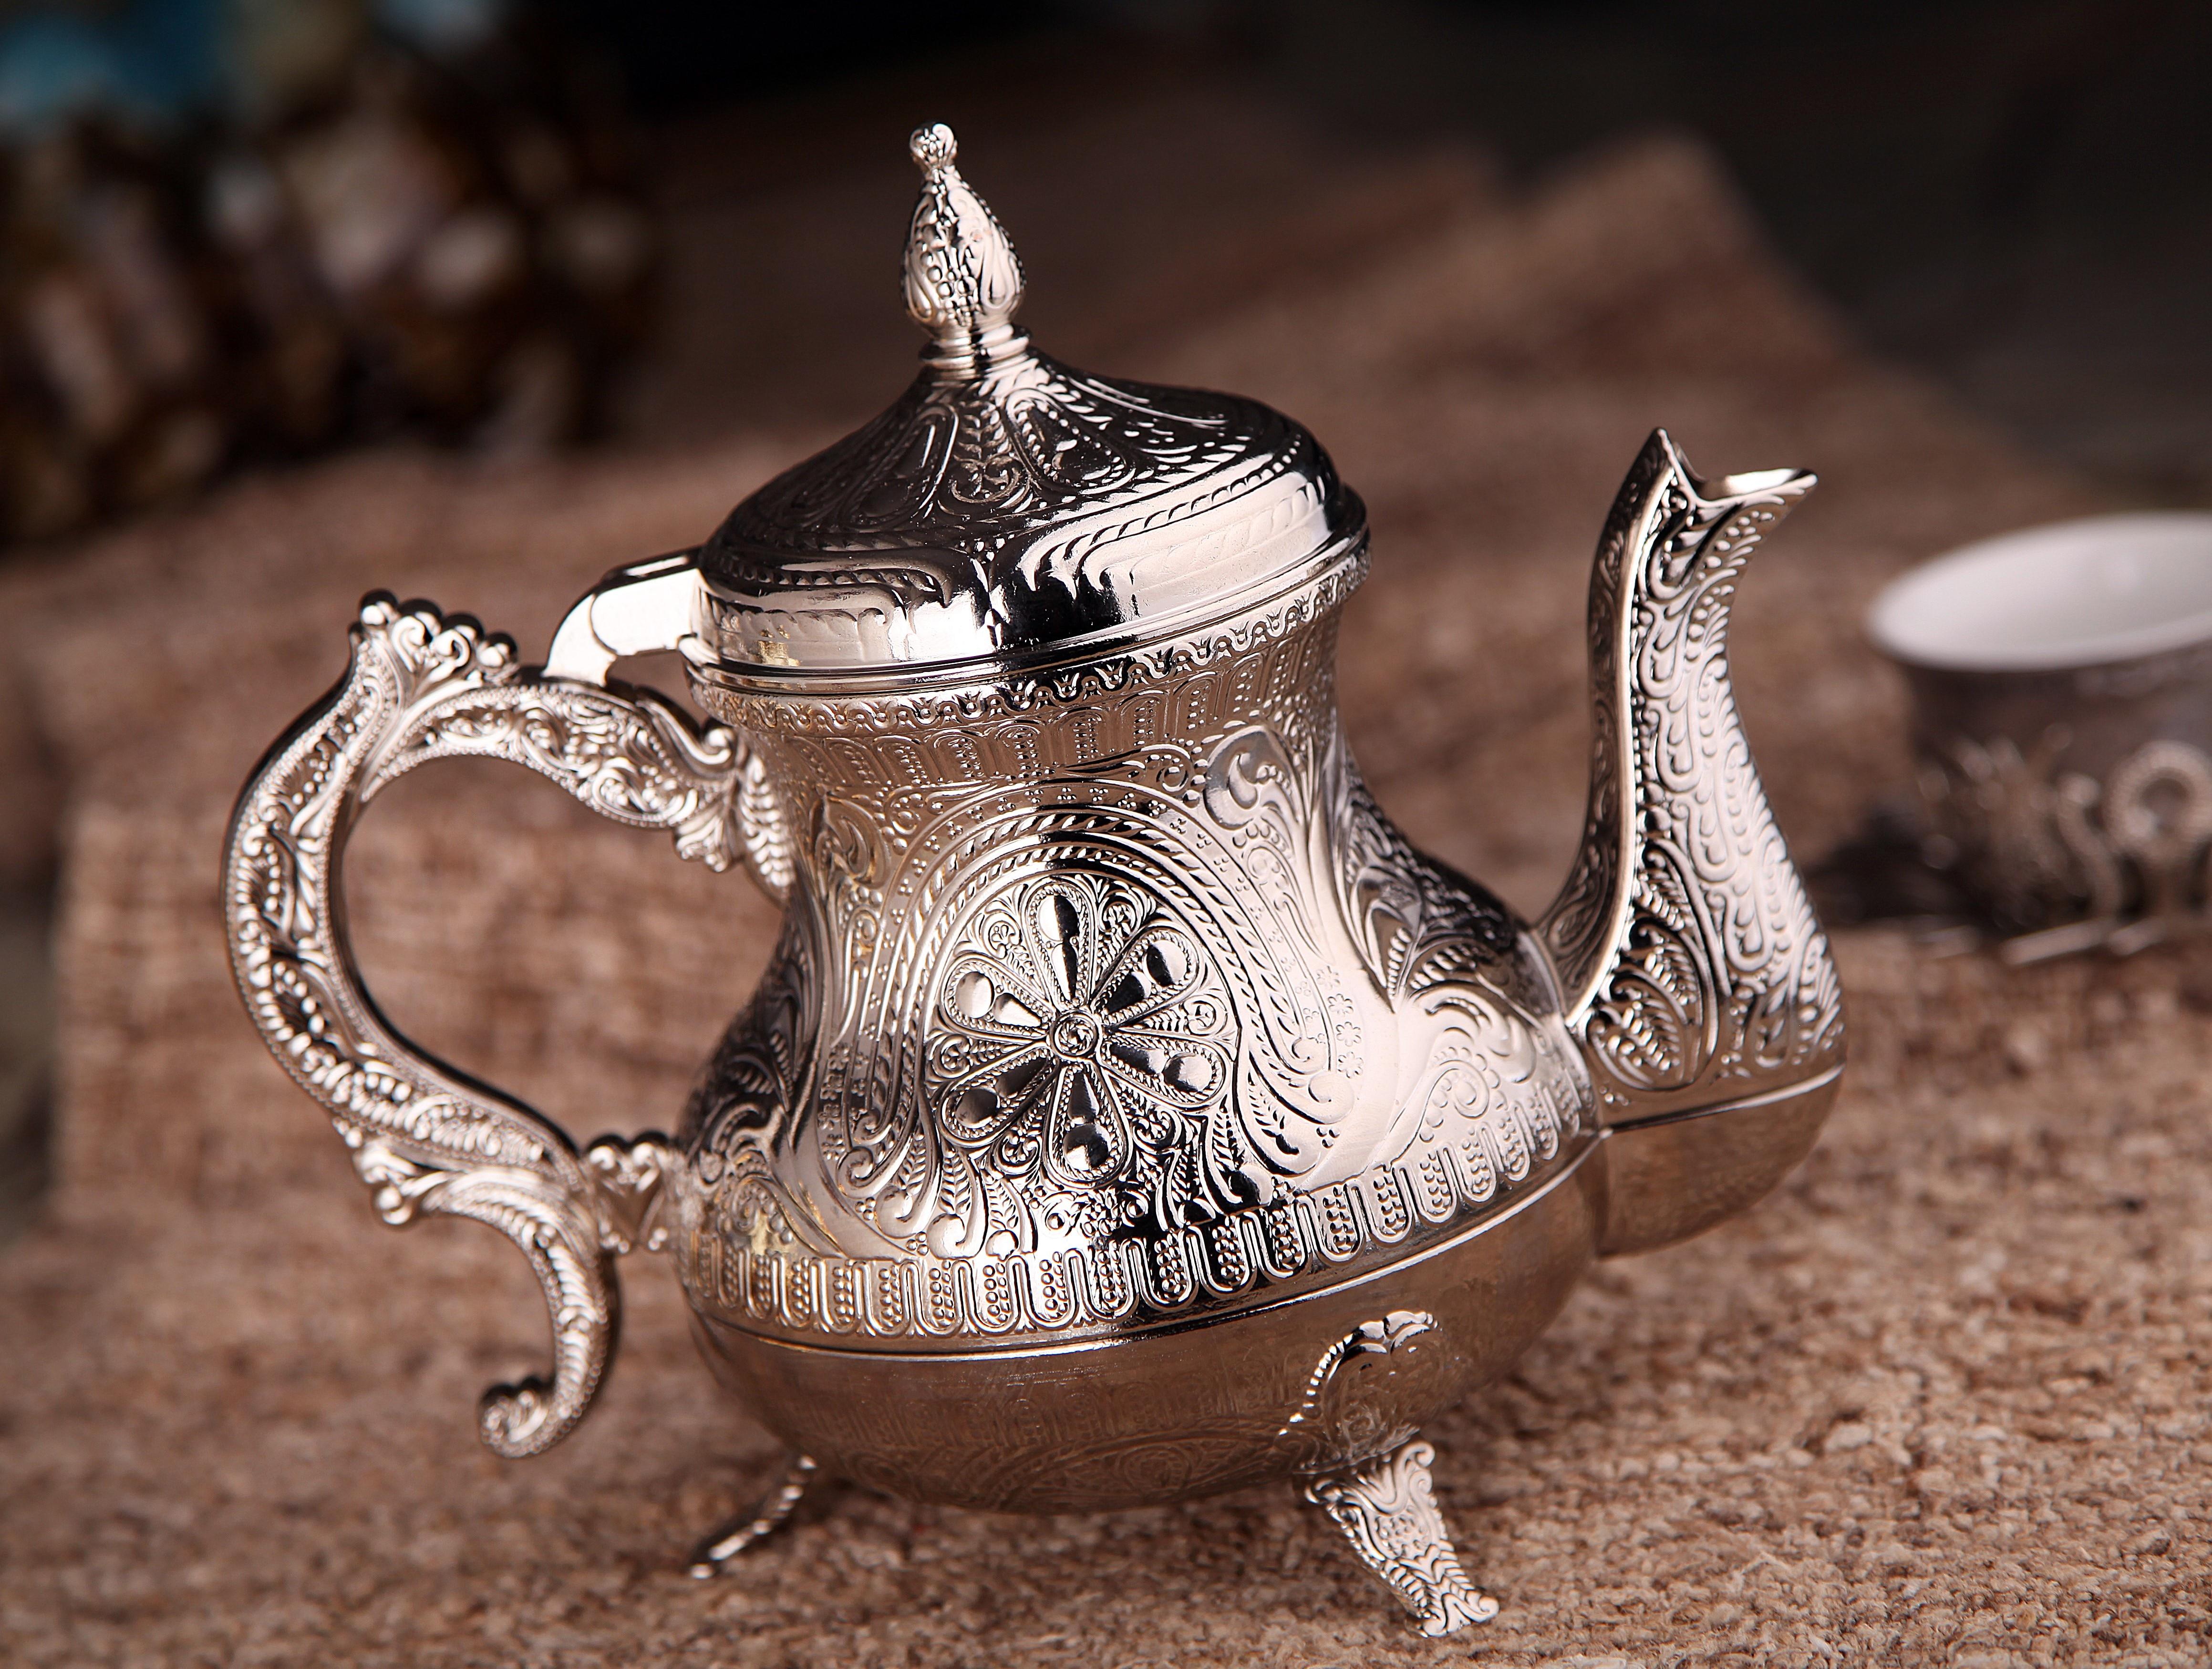 أقداح شاي أخضر إنفوسر ترمس عربي بعد الشاي طقم شاي ساموفار شاي إنجليزي تقليدي تزيين المنزل